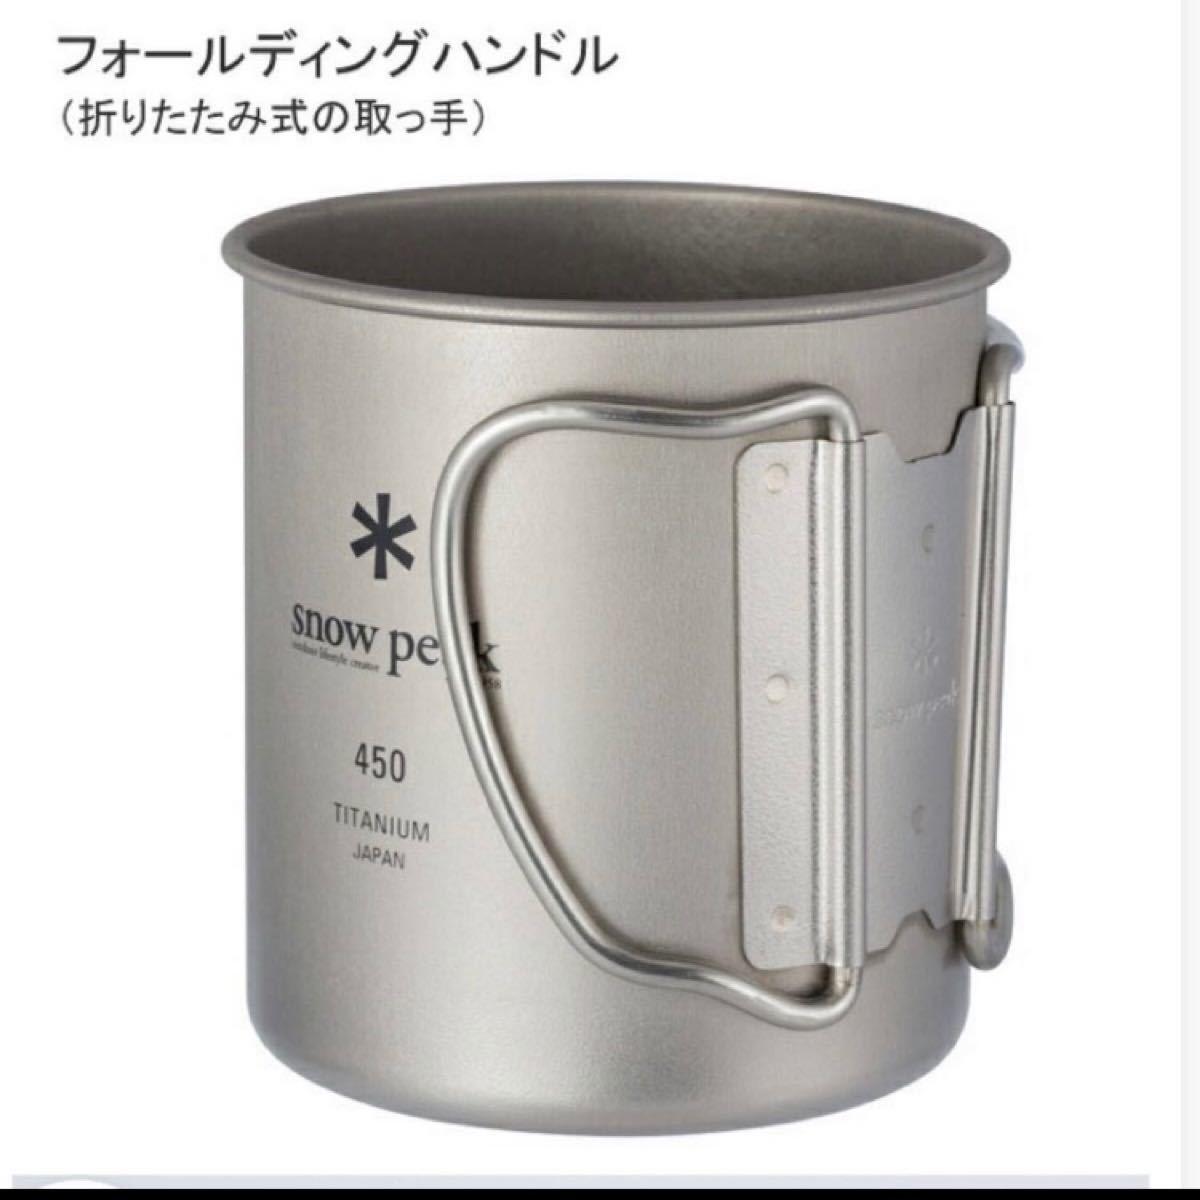 スノーピーク マグカップ チタンシングルマグ 450 MG-143 snow peak 【値段交渉不可】